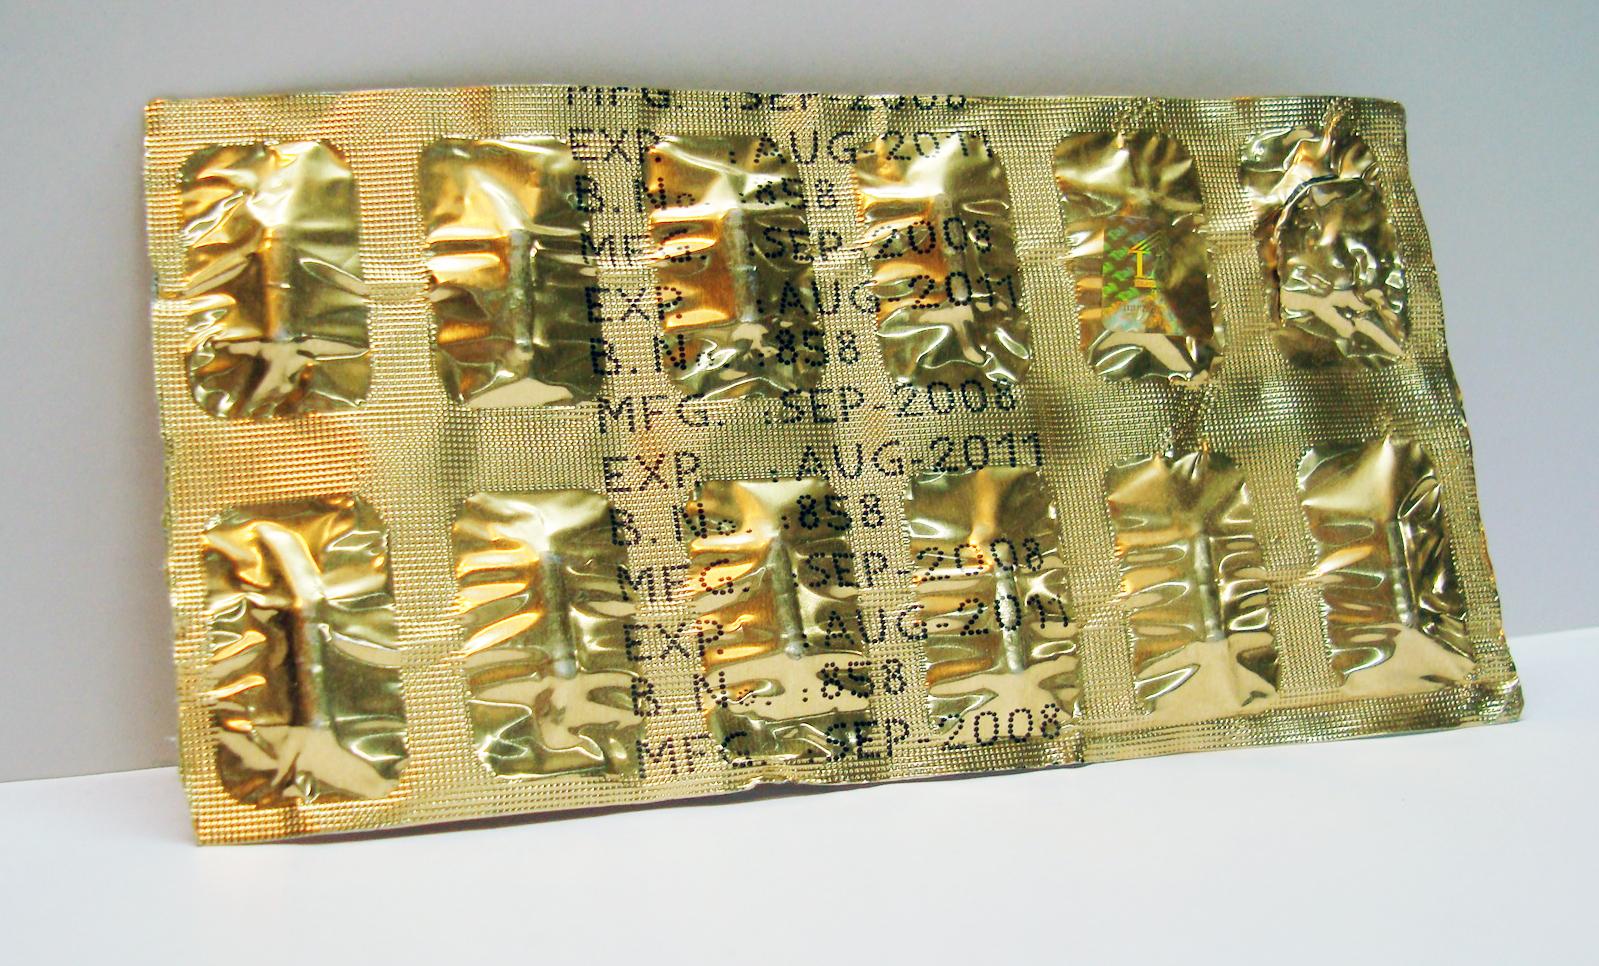 how to take omeprazole 40 mg